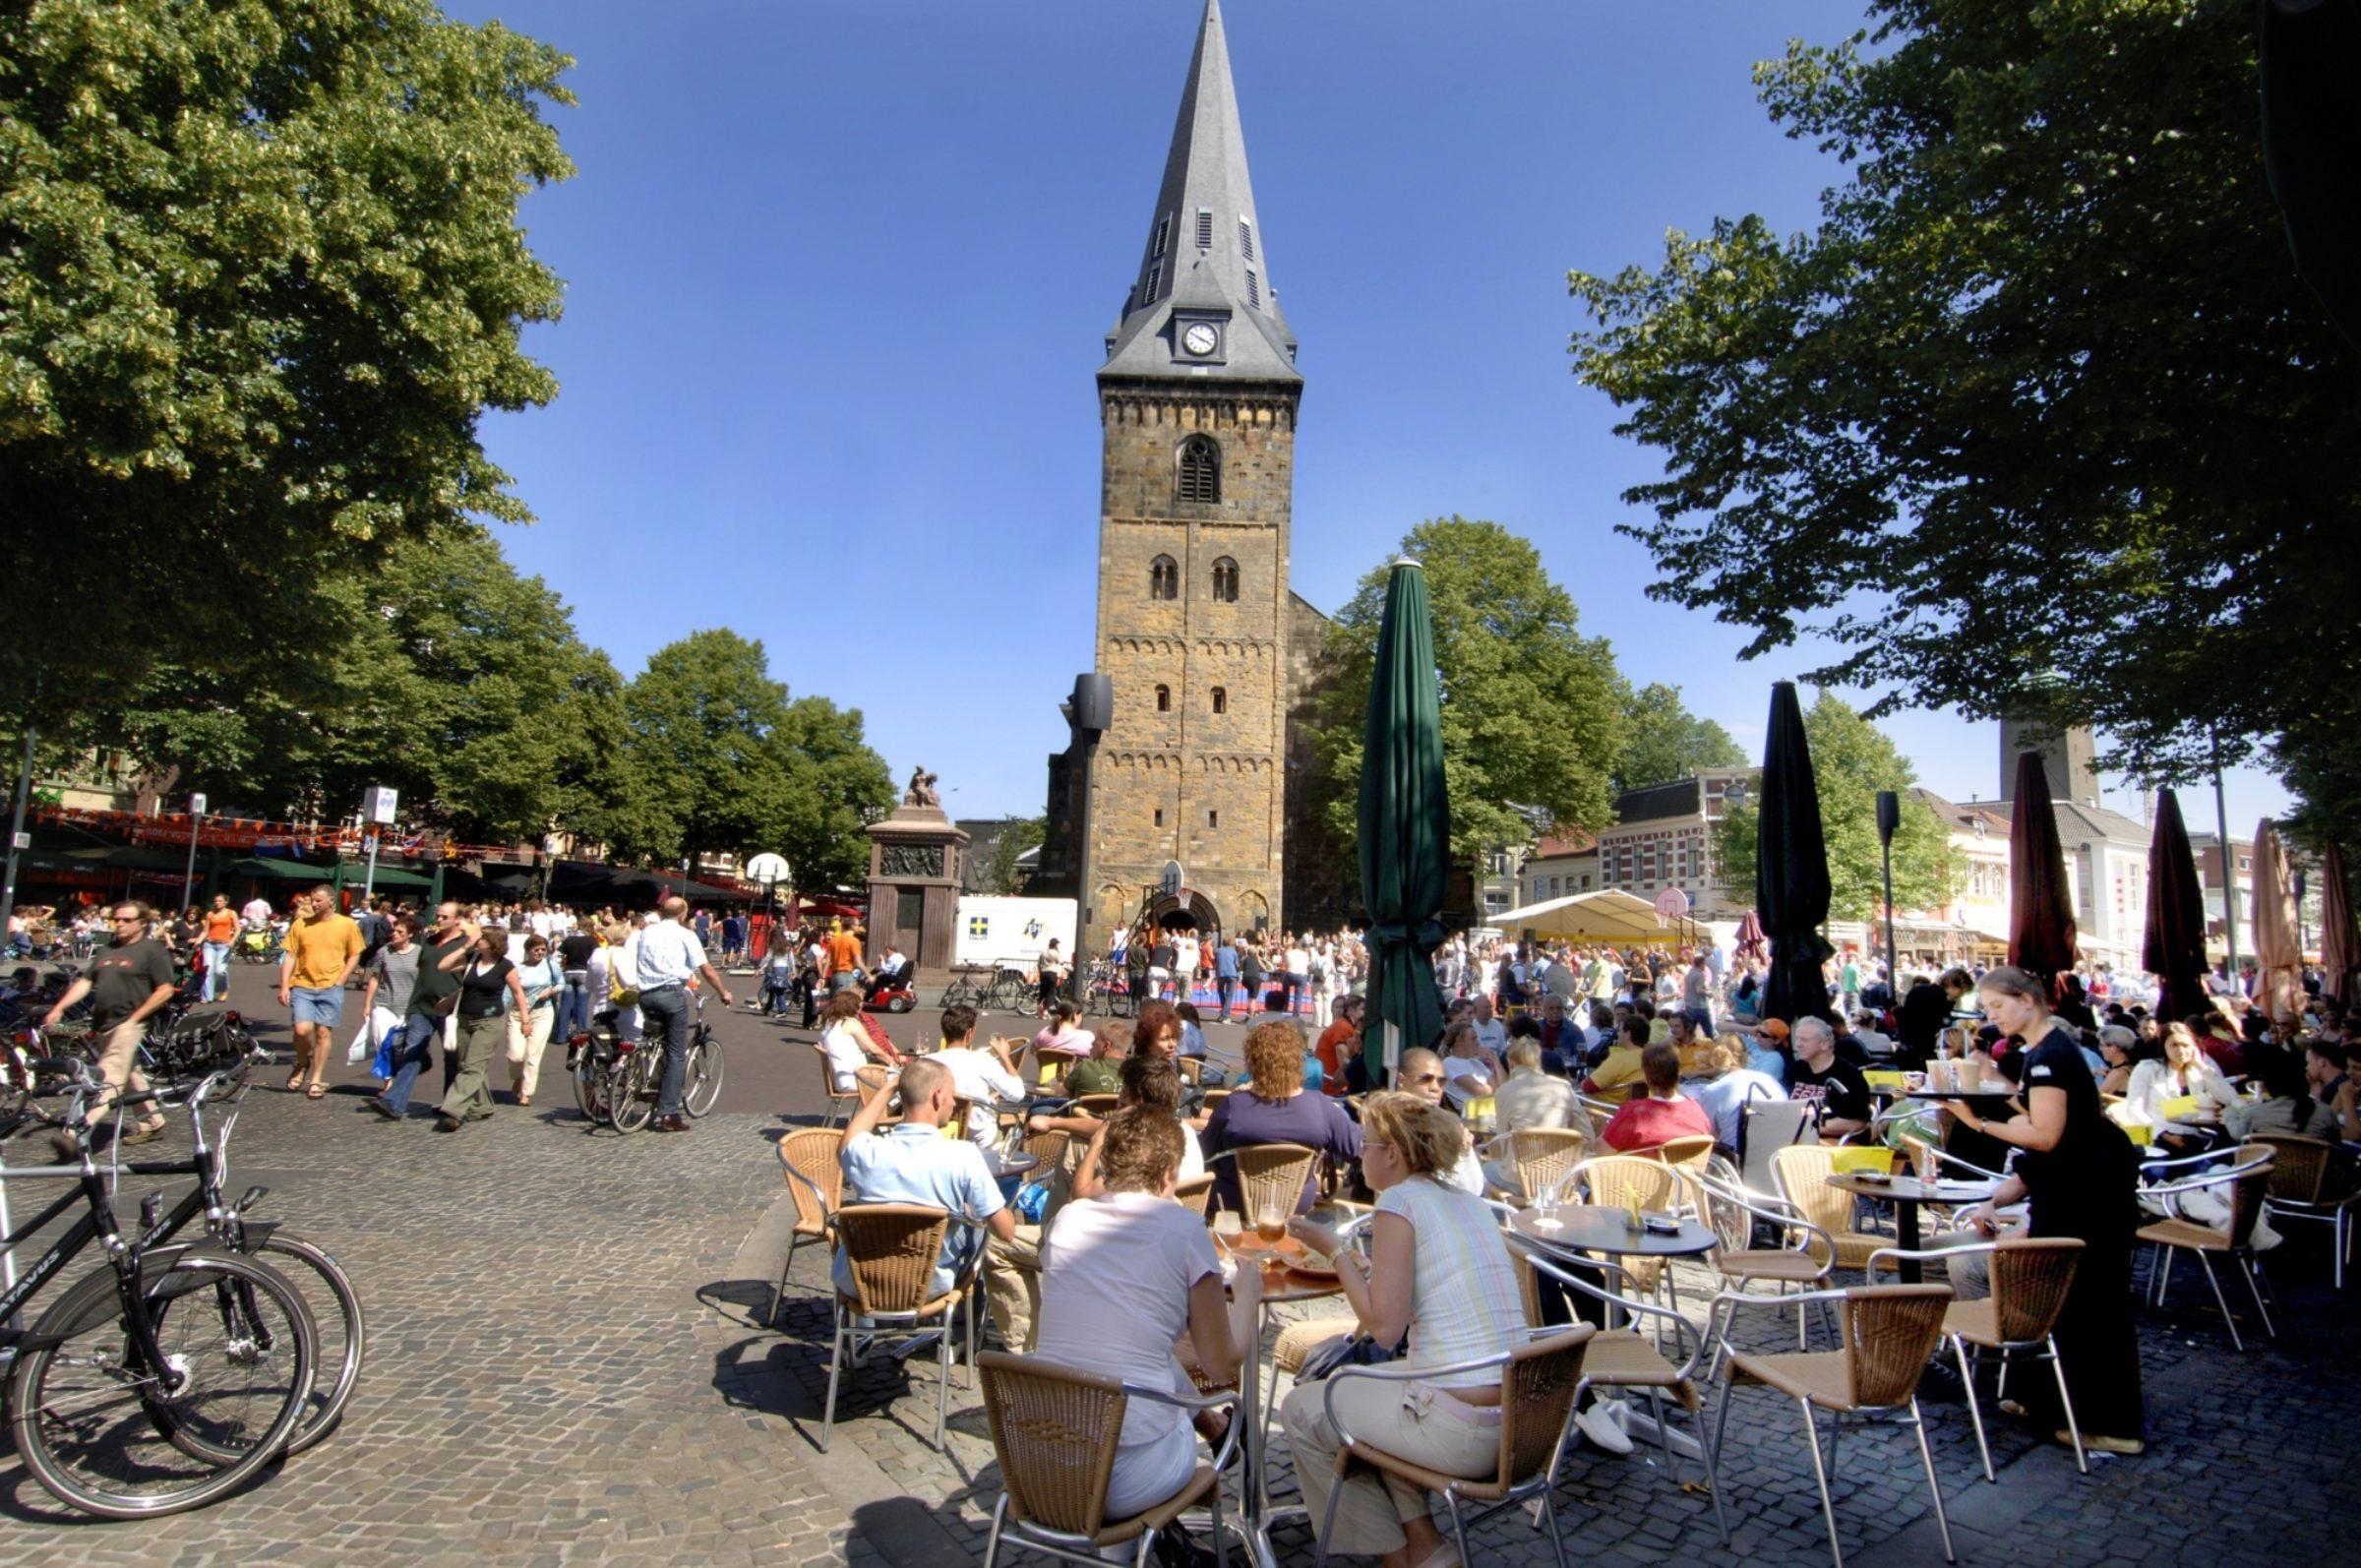 Kopievan Oude Markt29X19